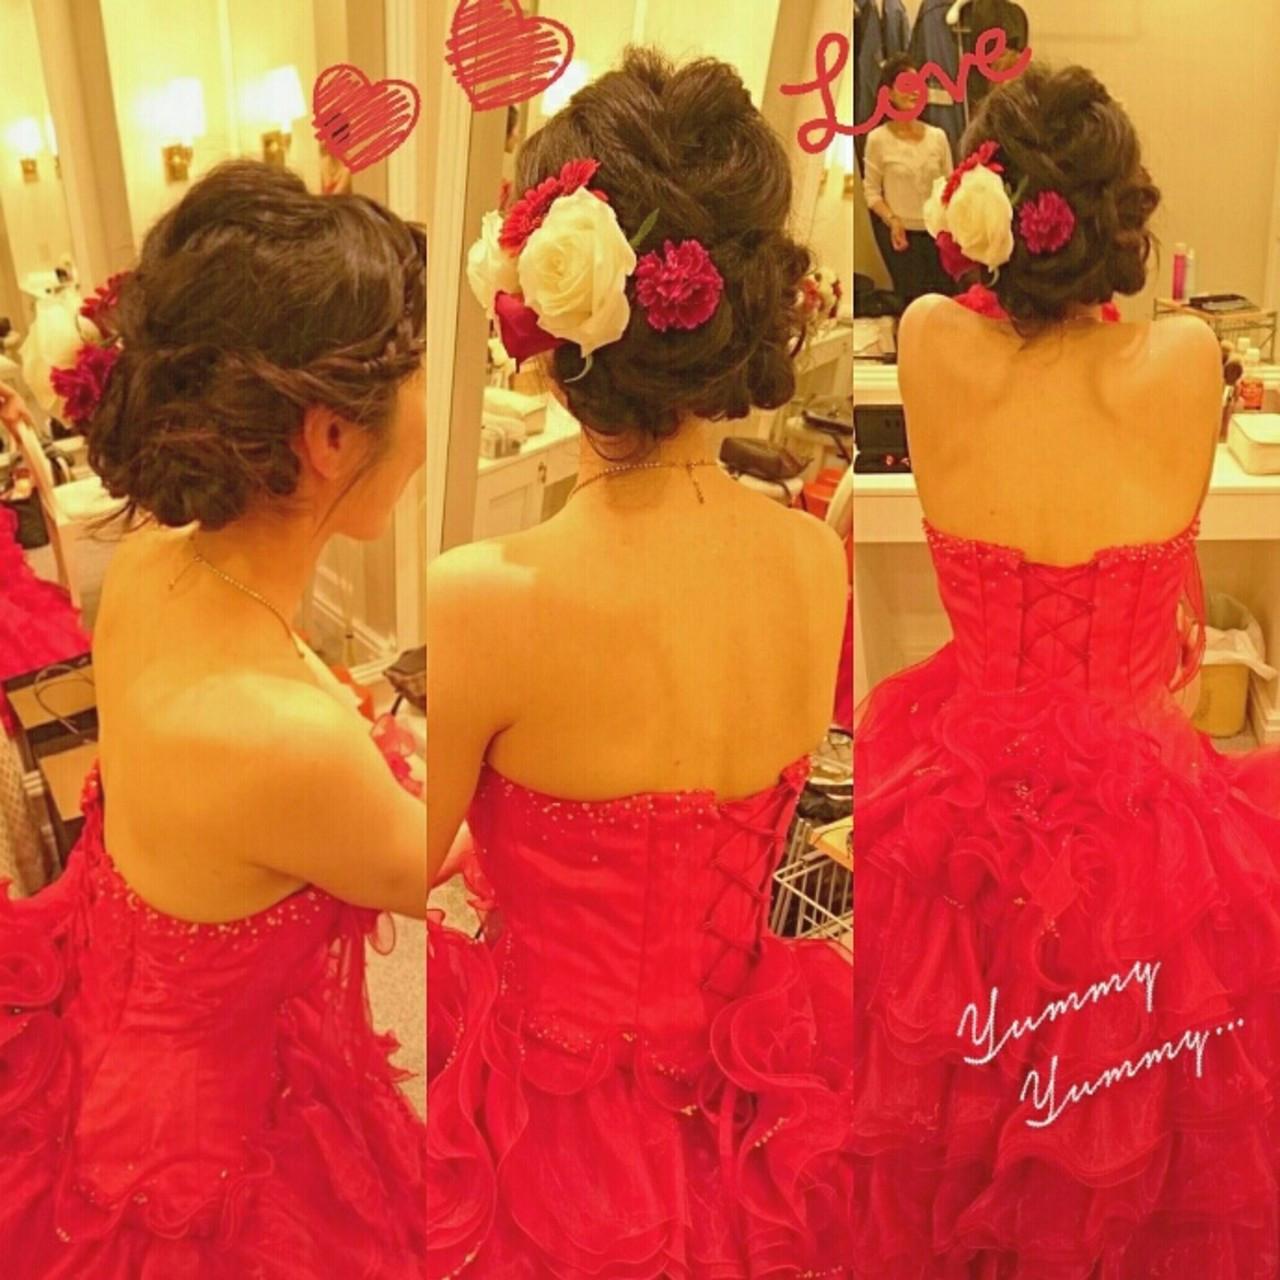 レッドのカラードレスはエレガントに 美和遥 FITZ(フィッツ)